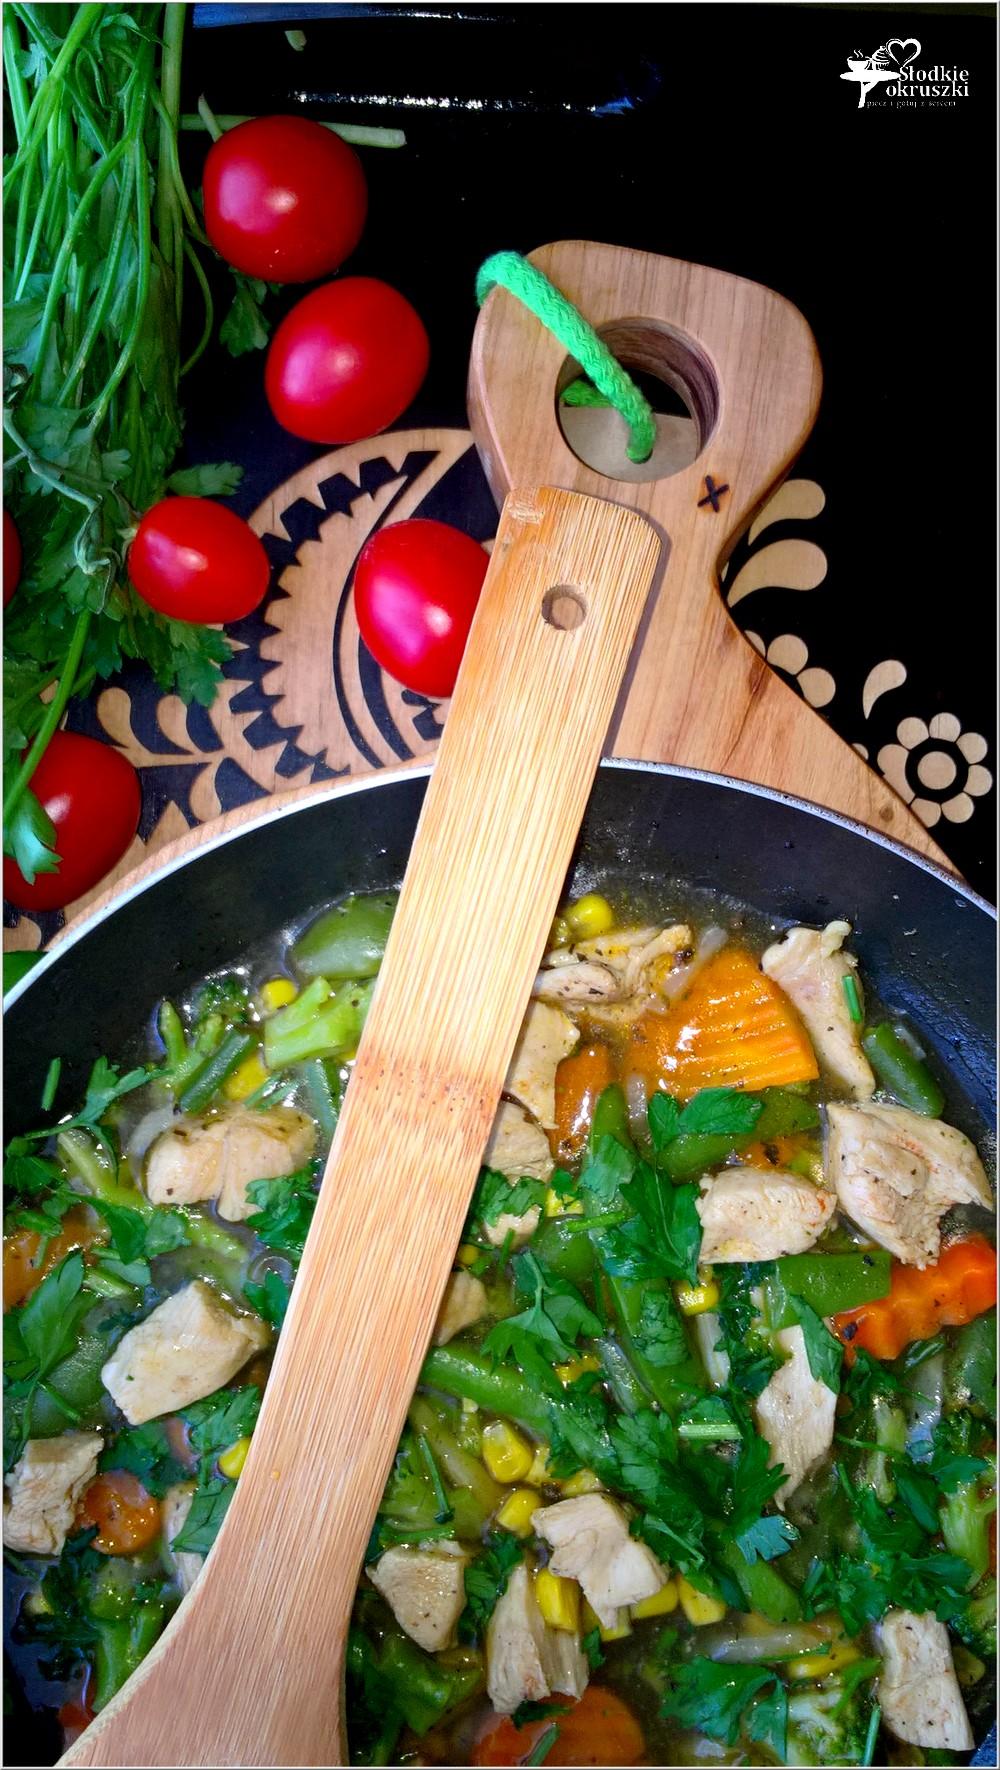 Kurczak w rozgrzewającym warzywnym sosie (1)